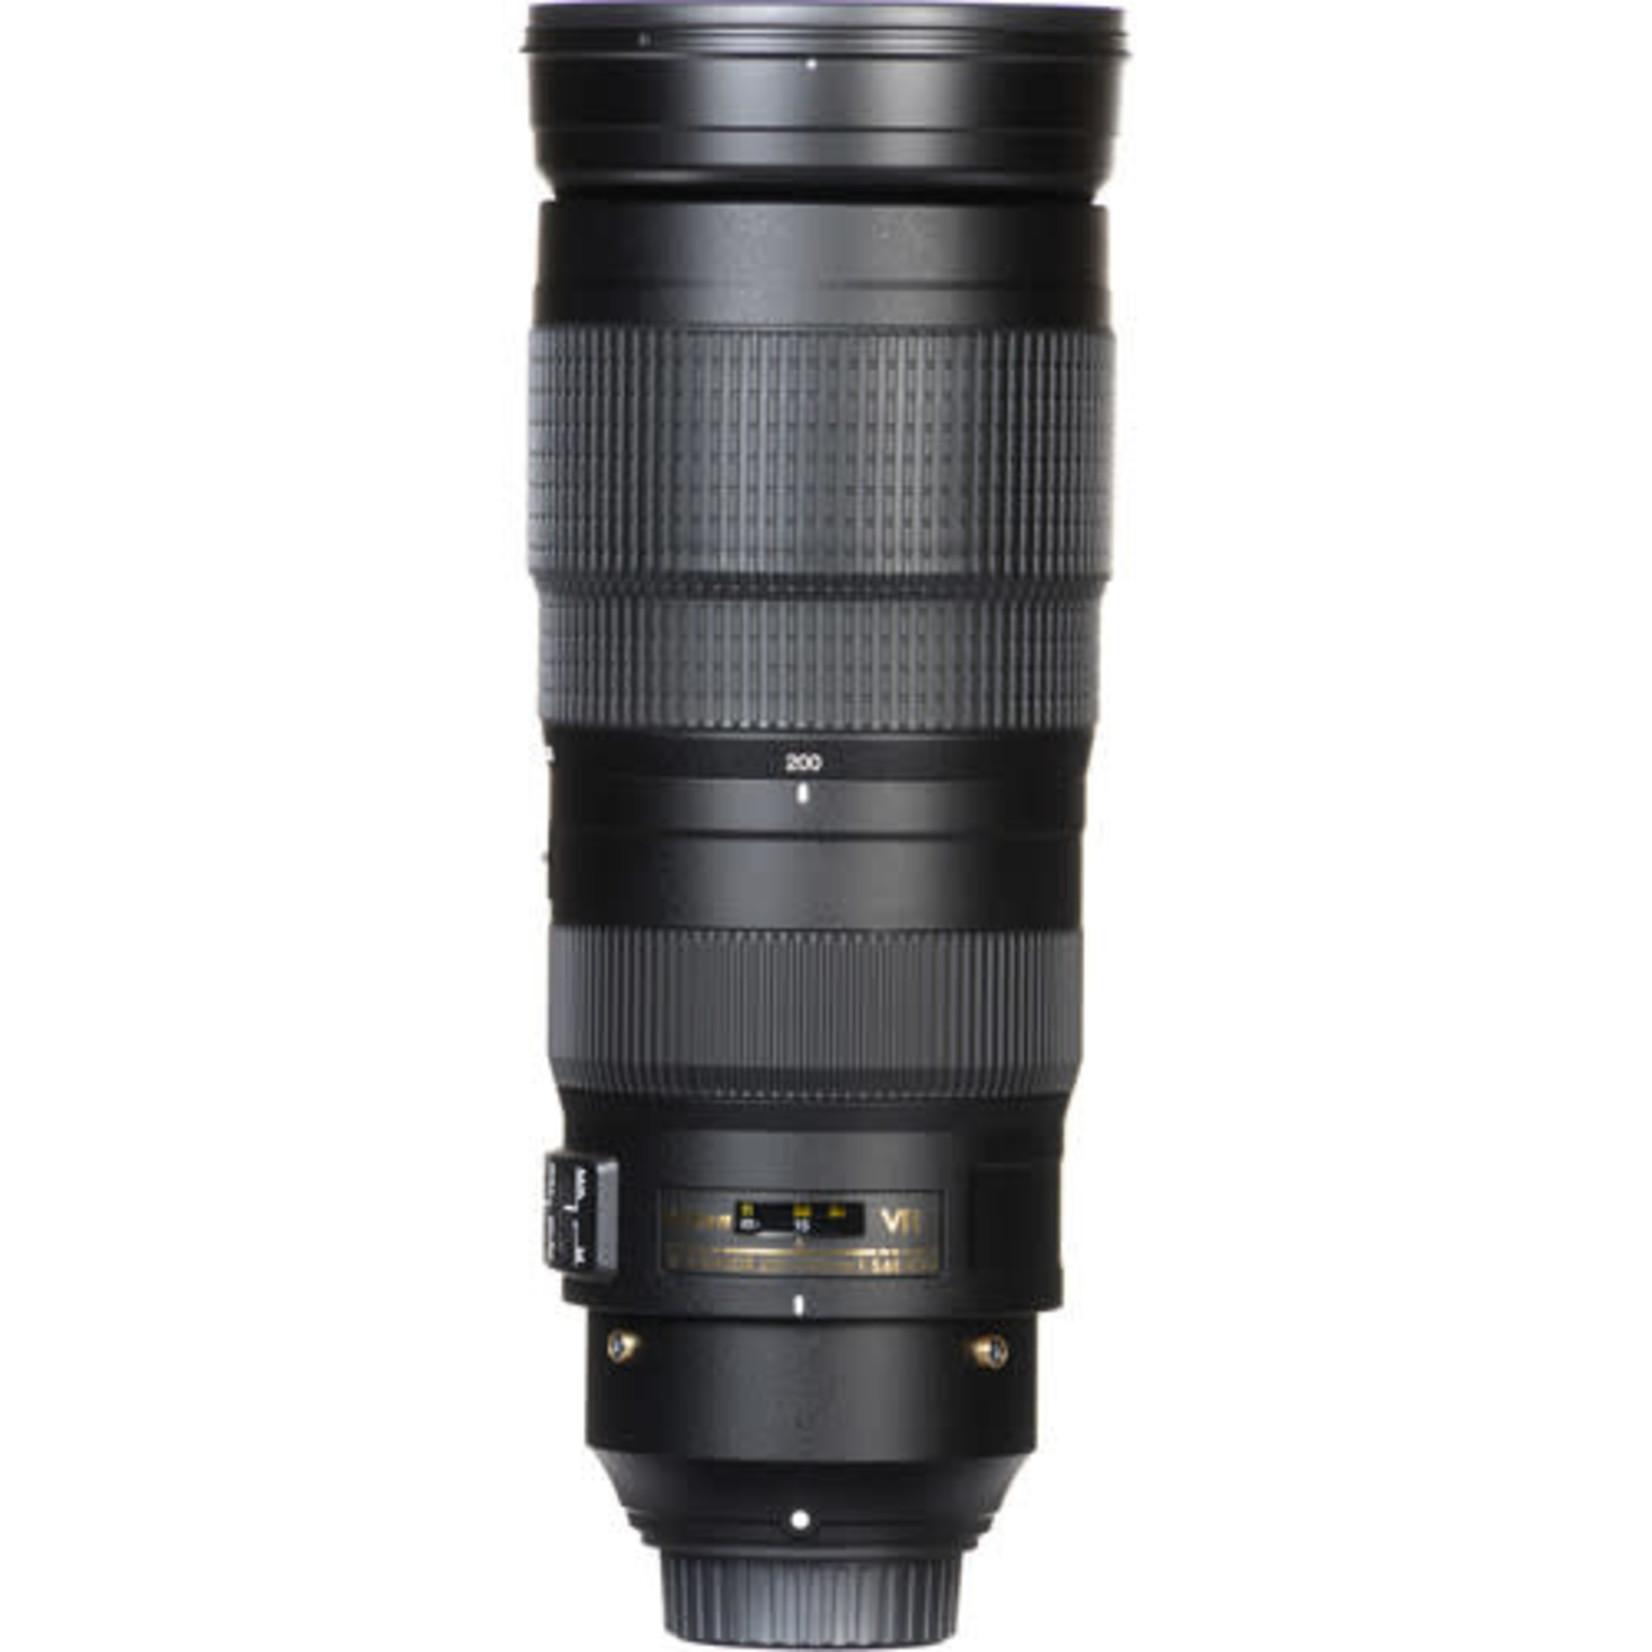 Nikon Nikon AF-S NIKKOR 200-500mm f/5.6E ED VR Lens